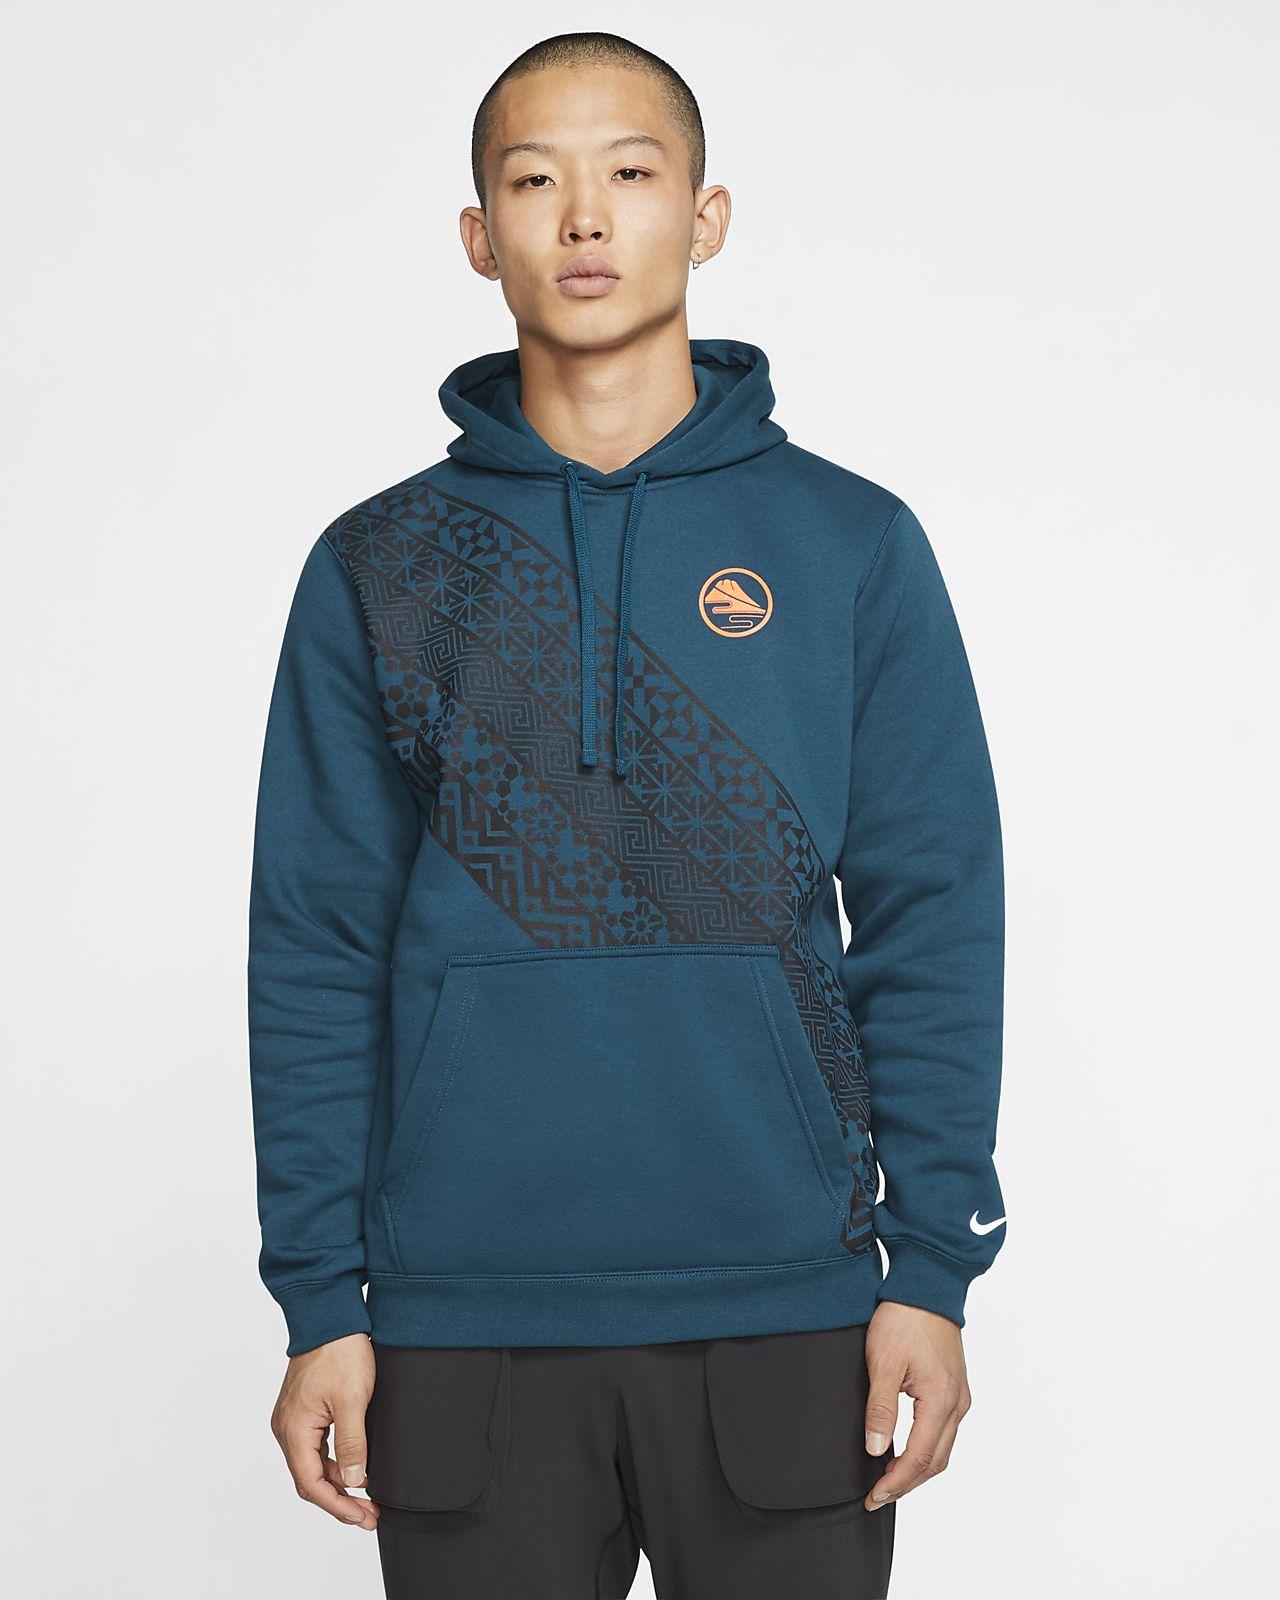 Ανδρική μπλούζα με κουκούλα Nike Club